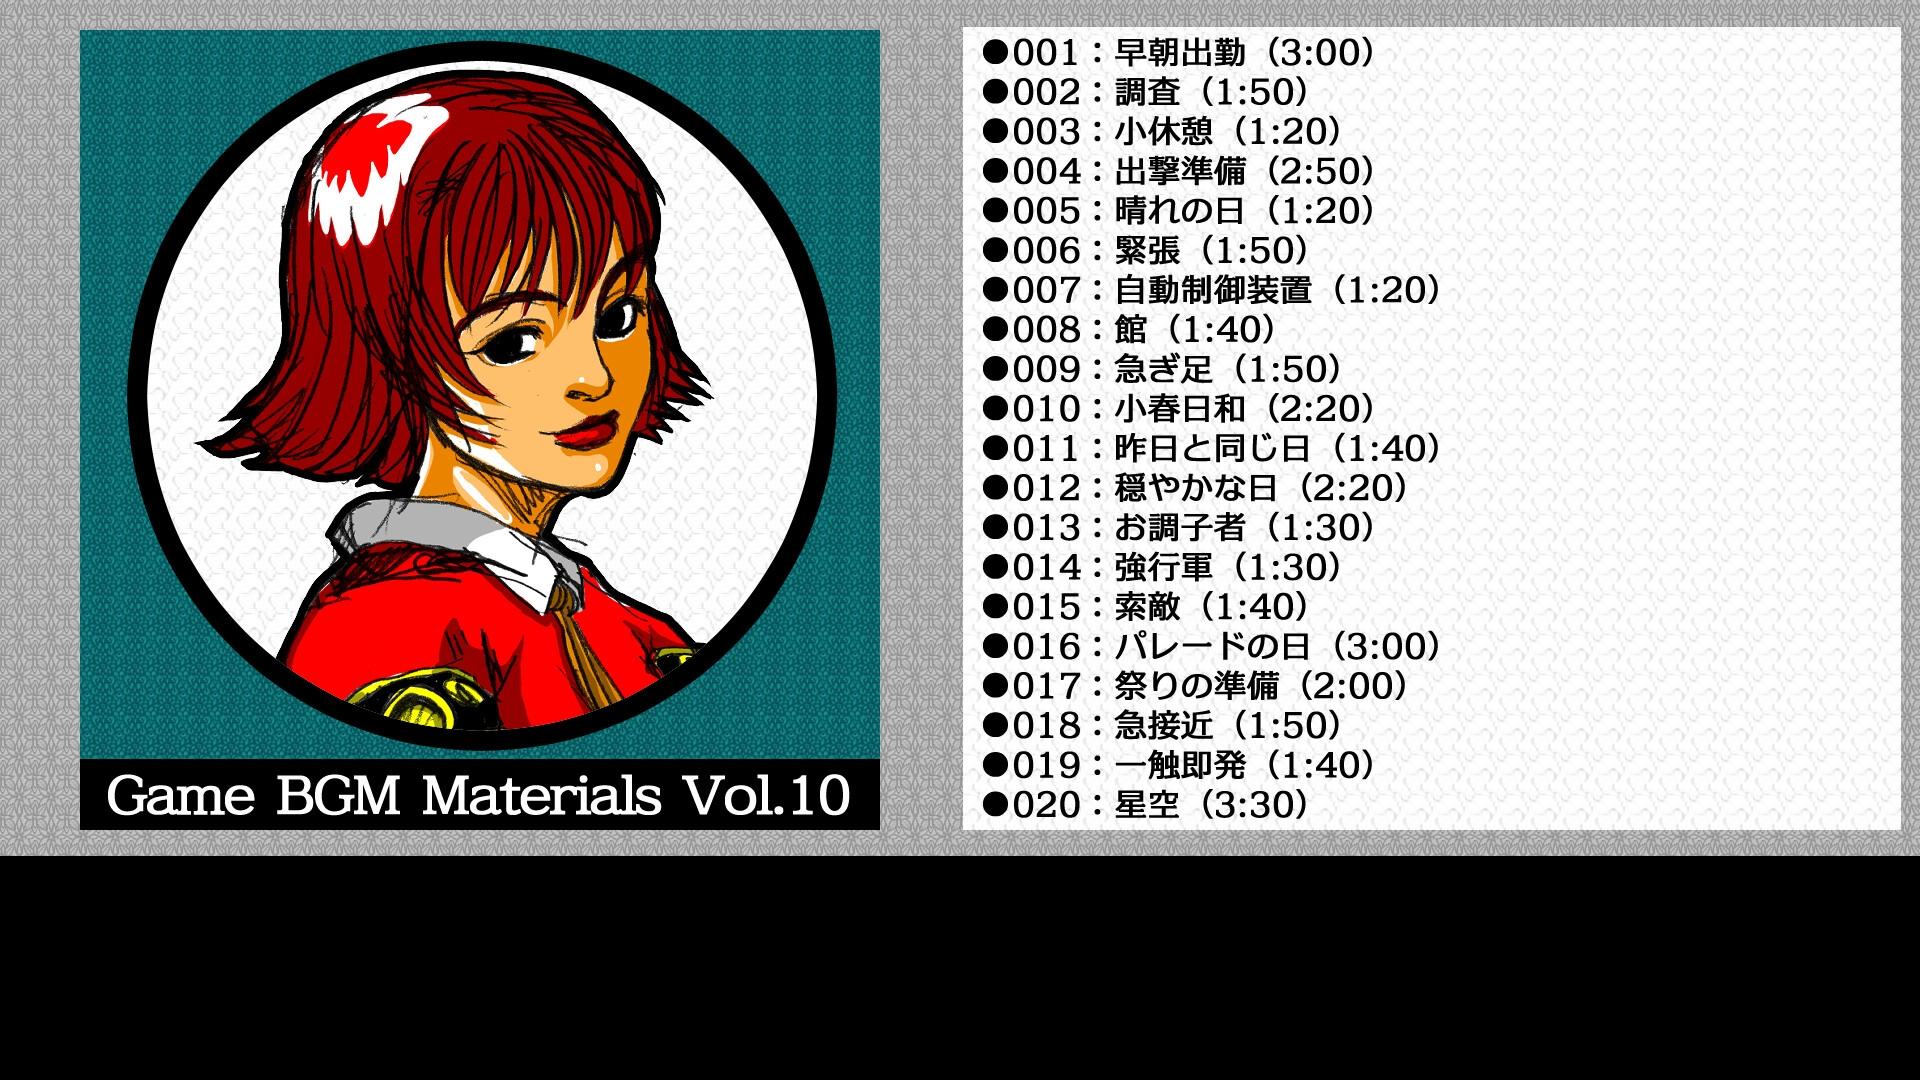 Game BGM Materials Vol.10